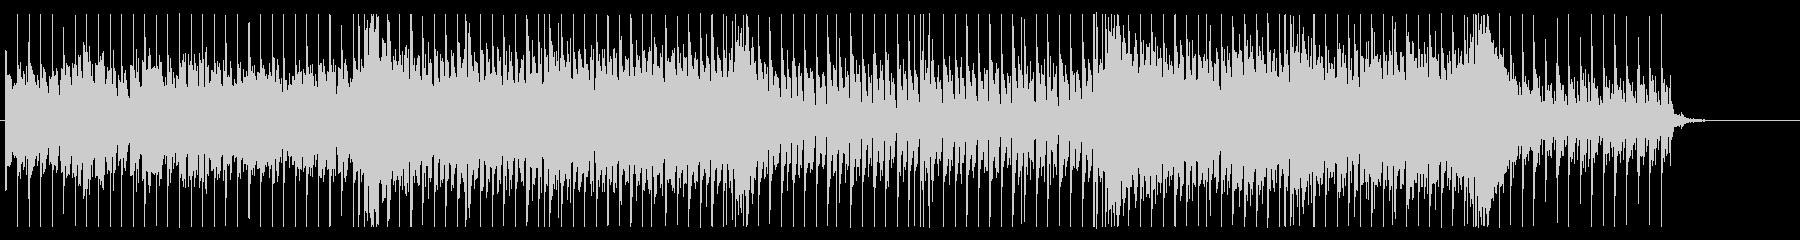 サイケデリックでエピックな攻撃的BGMの未再生の波形